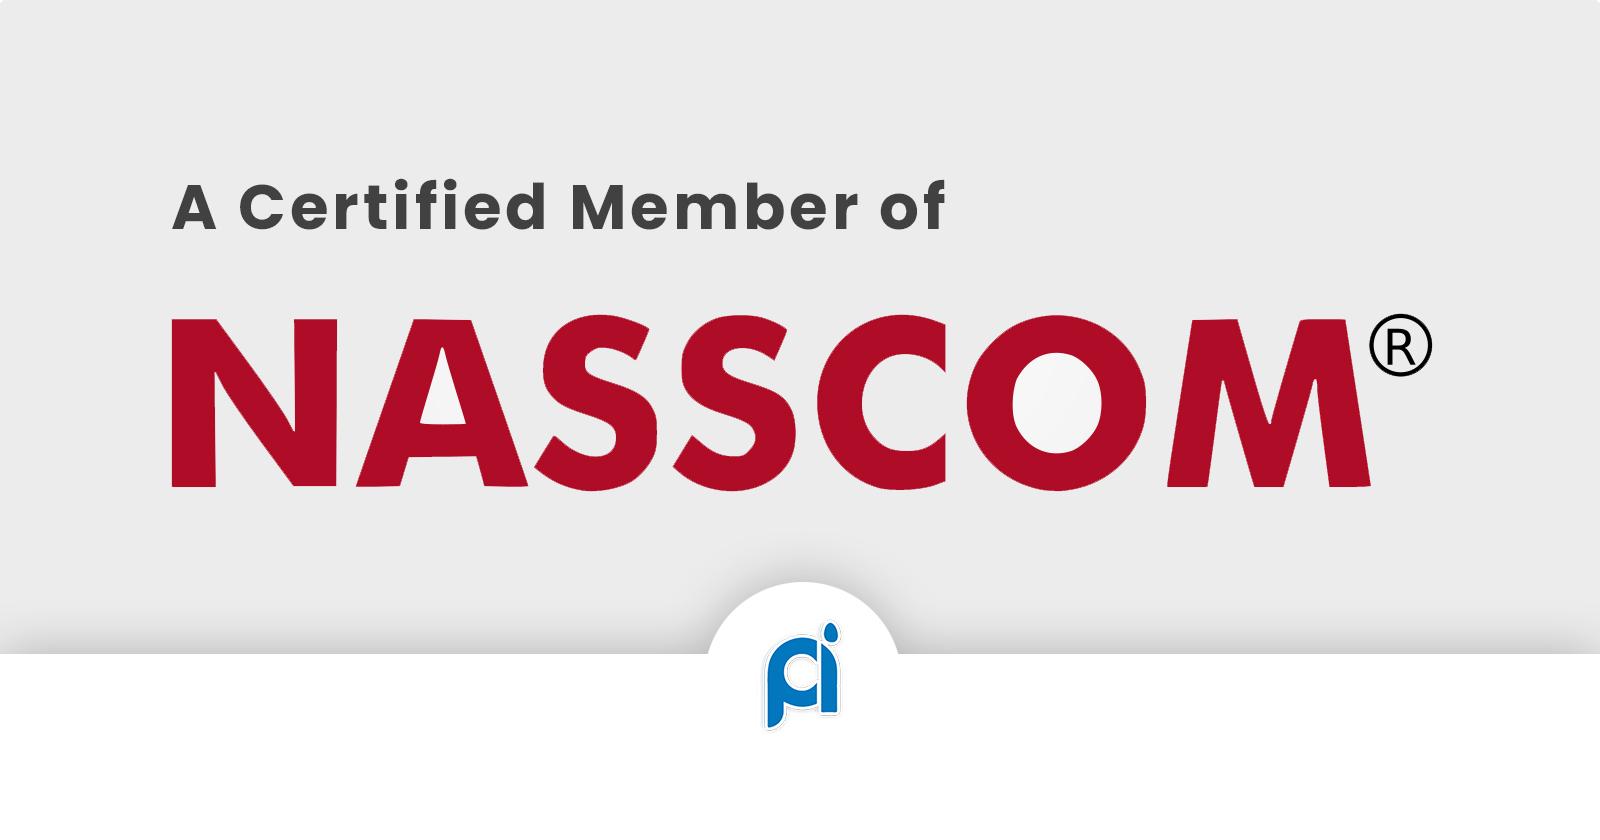 NASSCOM Membership: A New Achievement of Pitangent Analytics